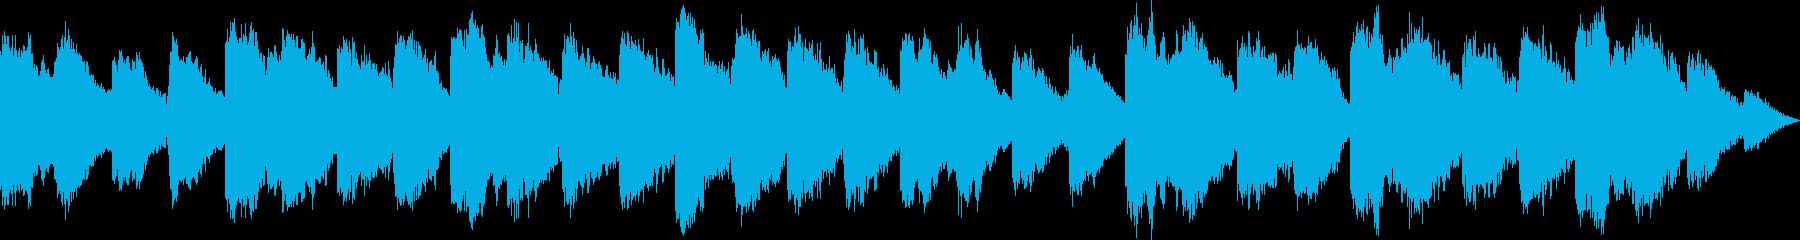 ファンタジーRPGの遺跡シーンをイメー…の再生済みの波形